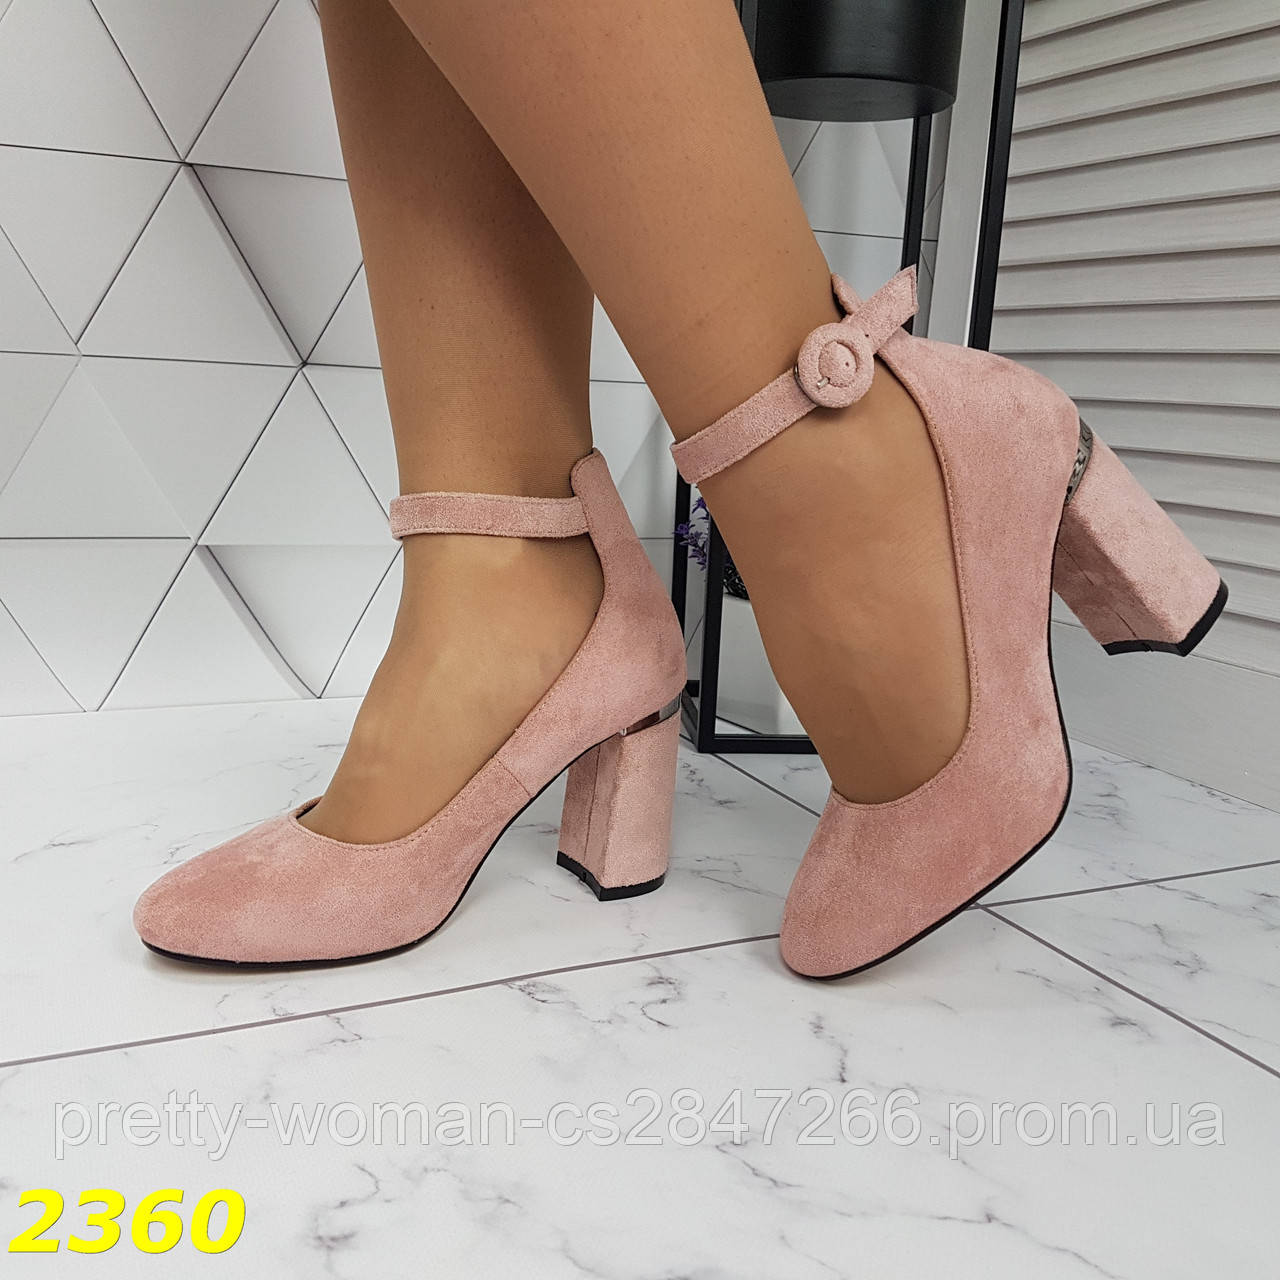 Туфли пудра замшевые с ремешком застежкой